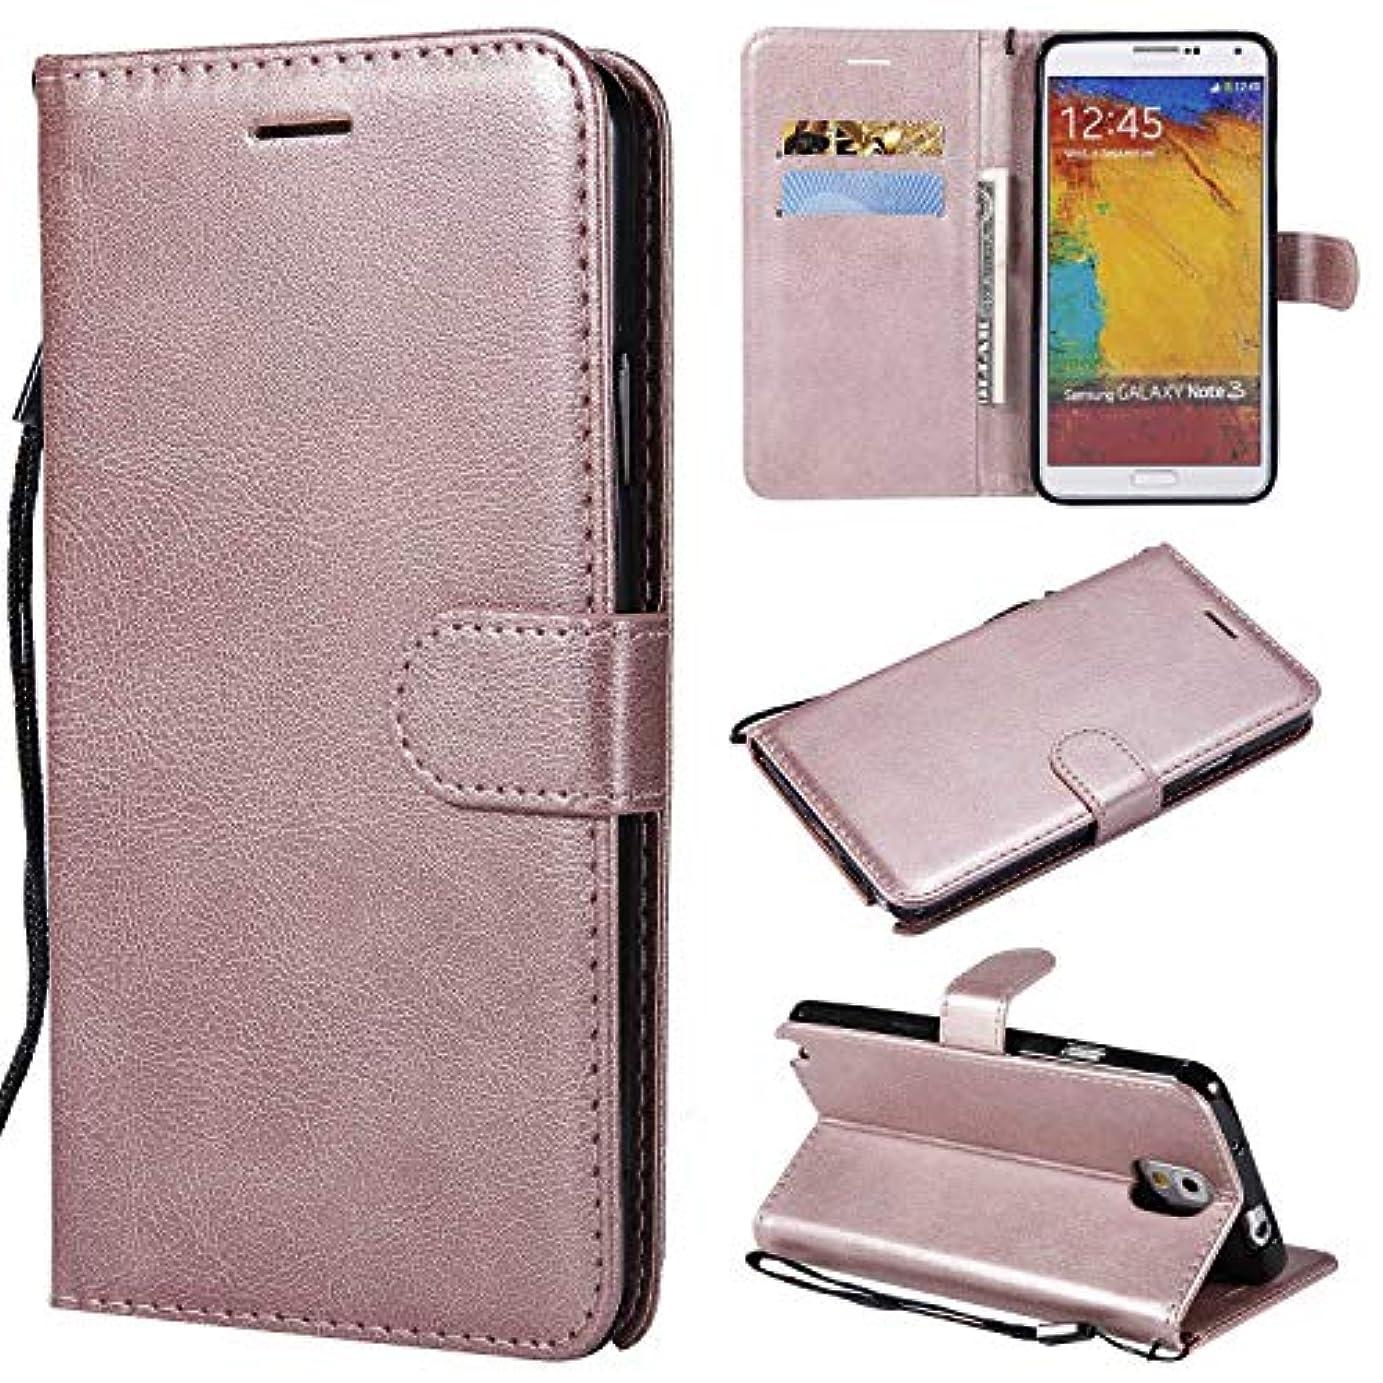 消化器評価する前置詞Galaxy Note 3 ケース手帳型 OMATENTI レザー 革 薄型 手帳型カバー カード入れ スタンド機能 サムスン Galaxy Note 3 おしゃれ 手帳ケース (4-ローズゴールド)